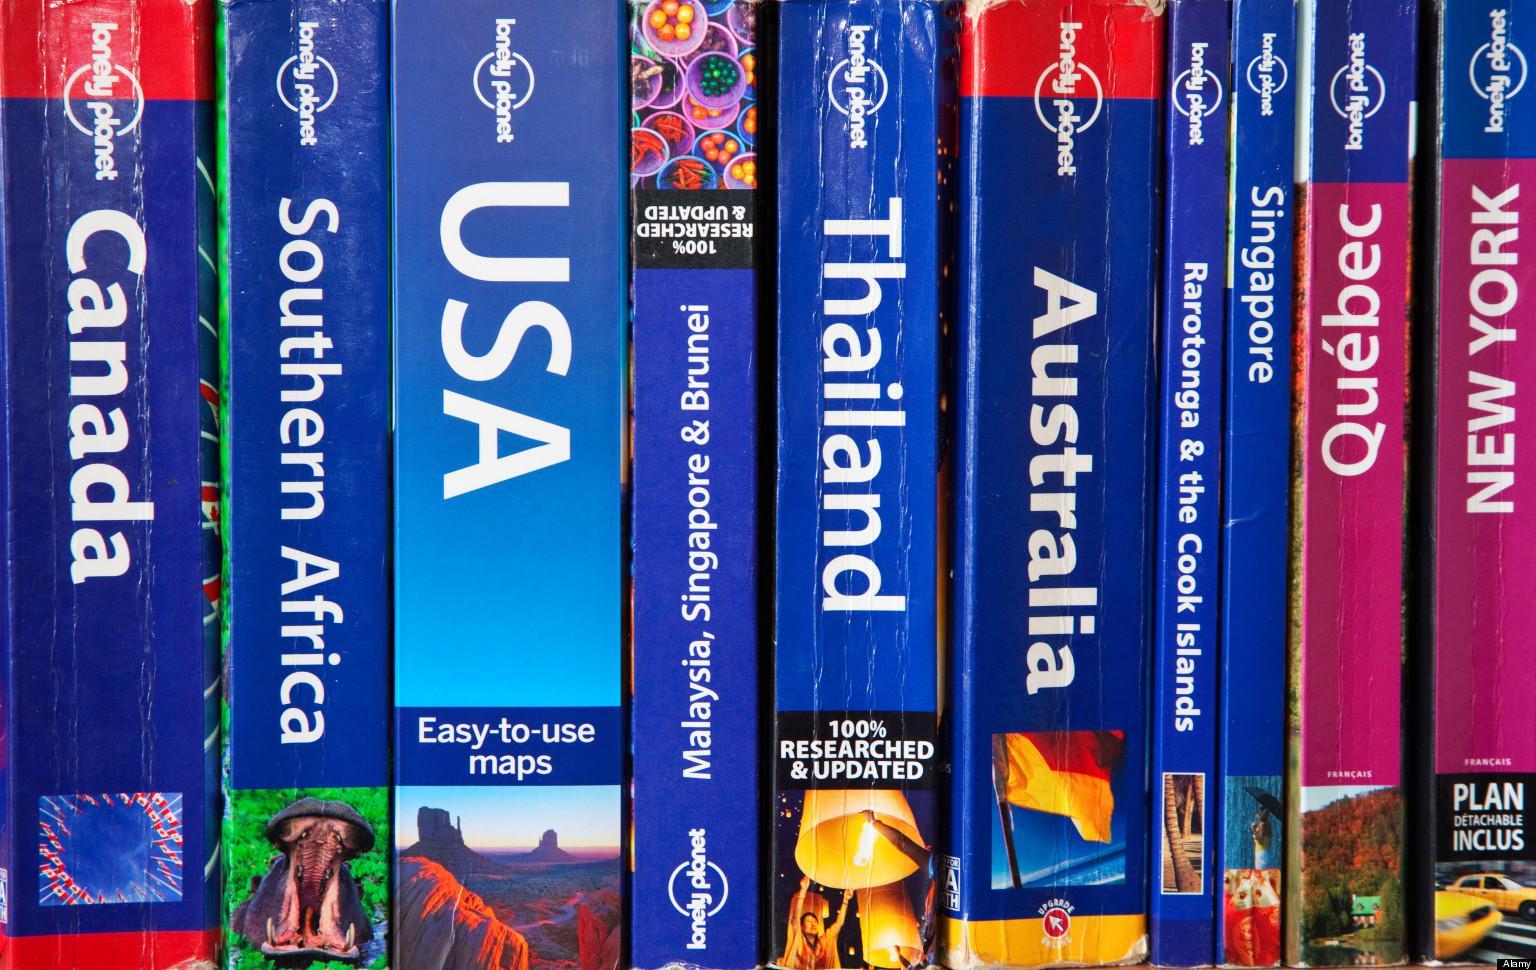 当旅游指南鼻祖 Lonely Planet 做了一个 App 时,它是怎么做的?| NEXT Big